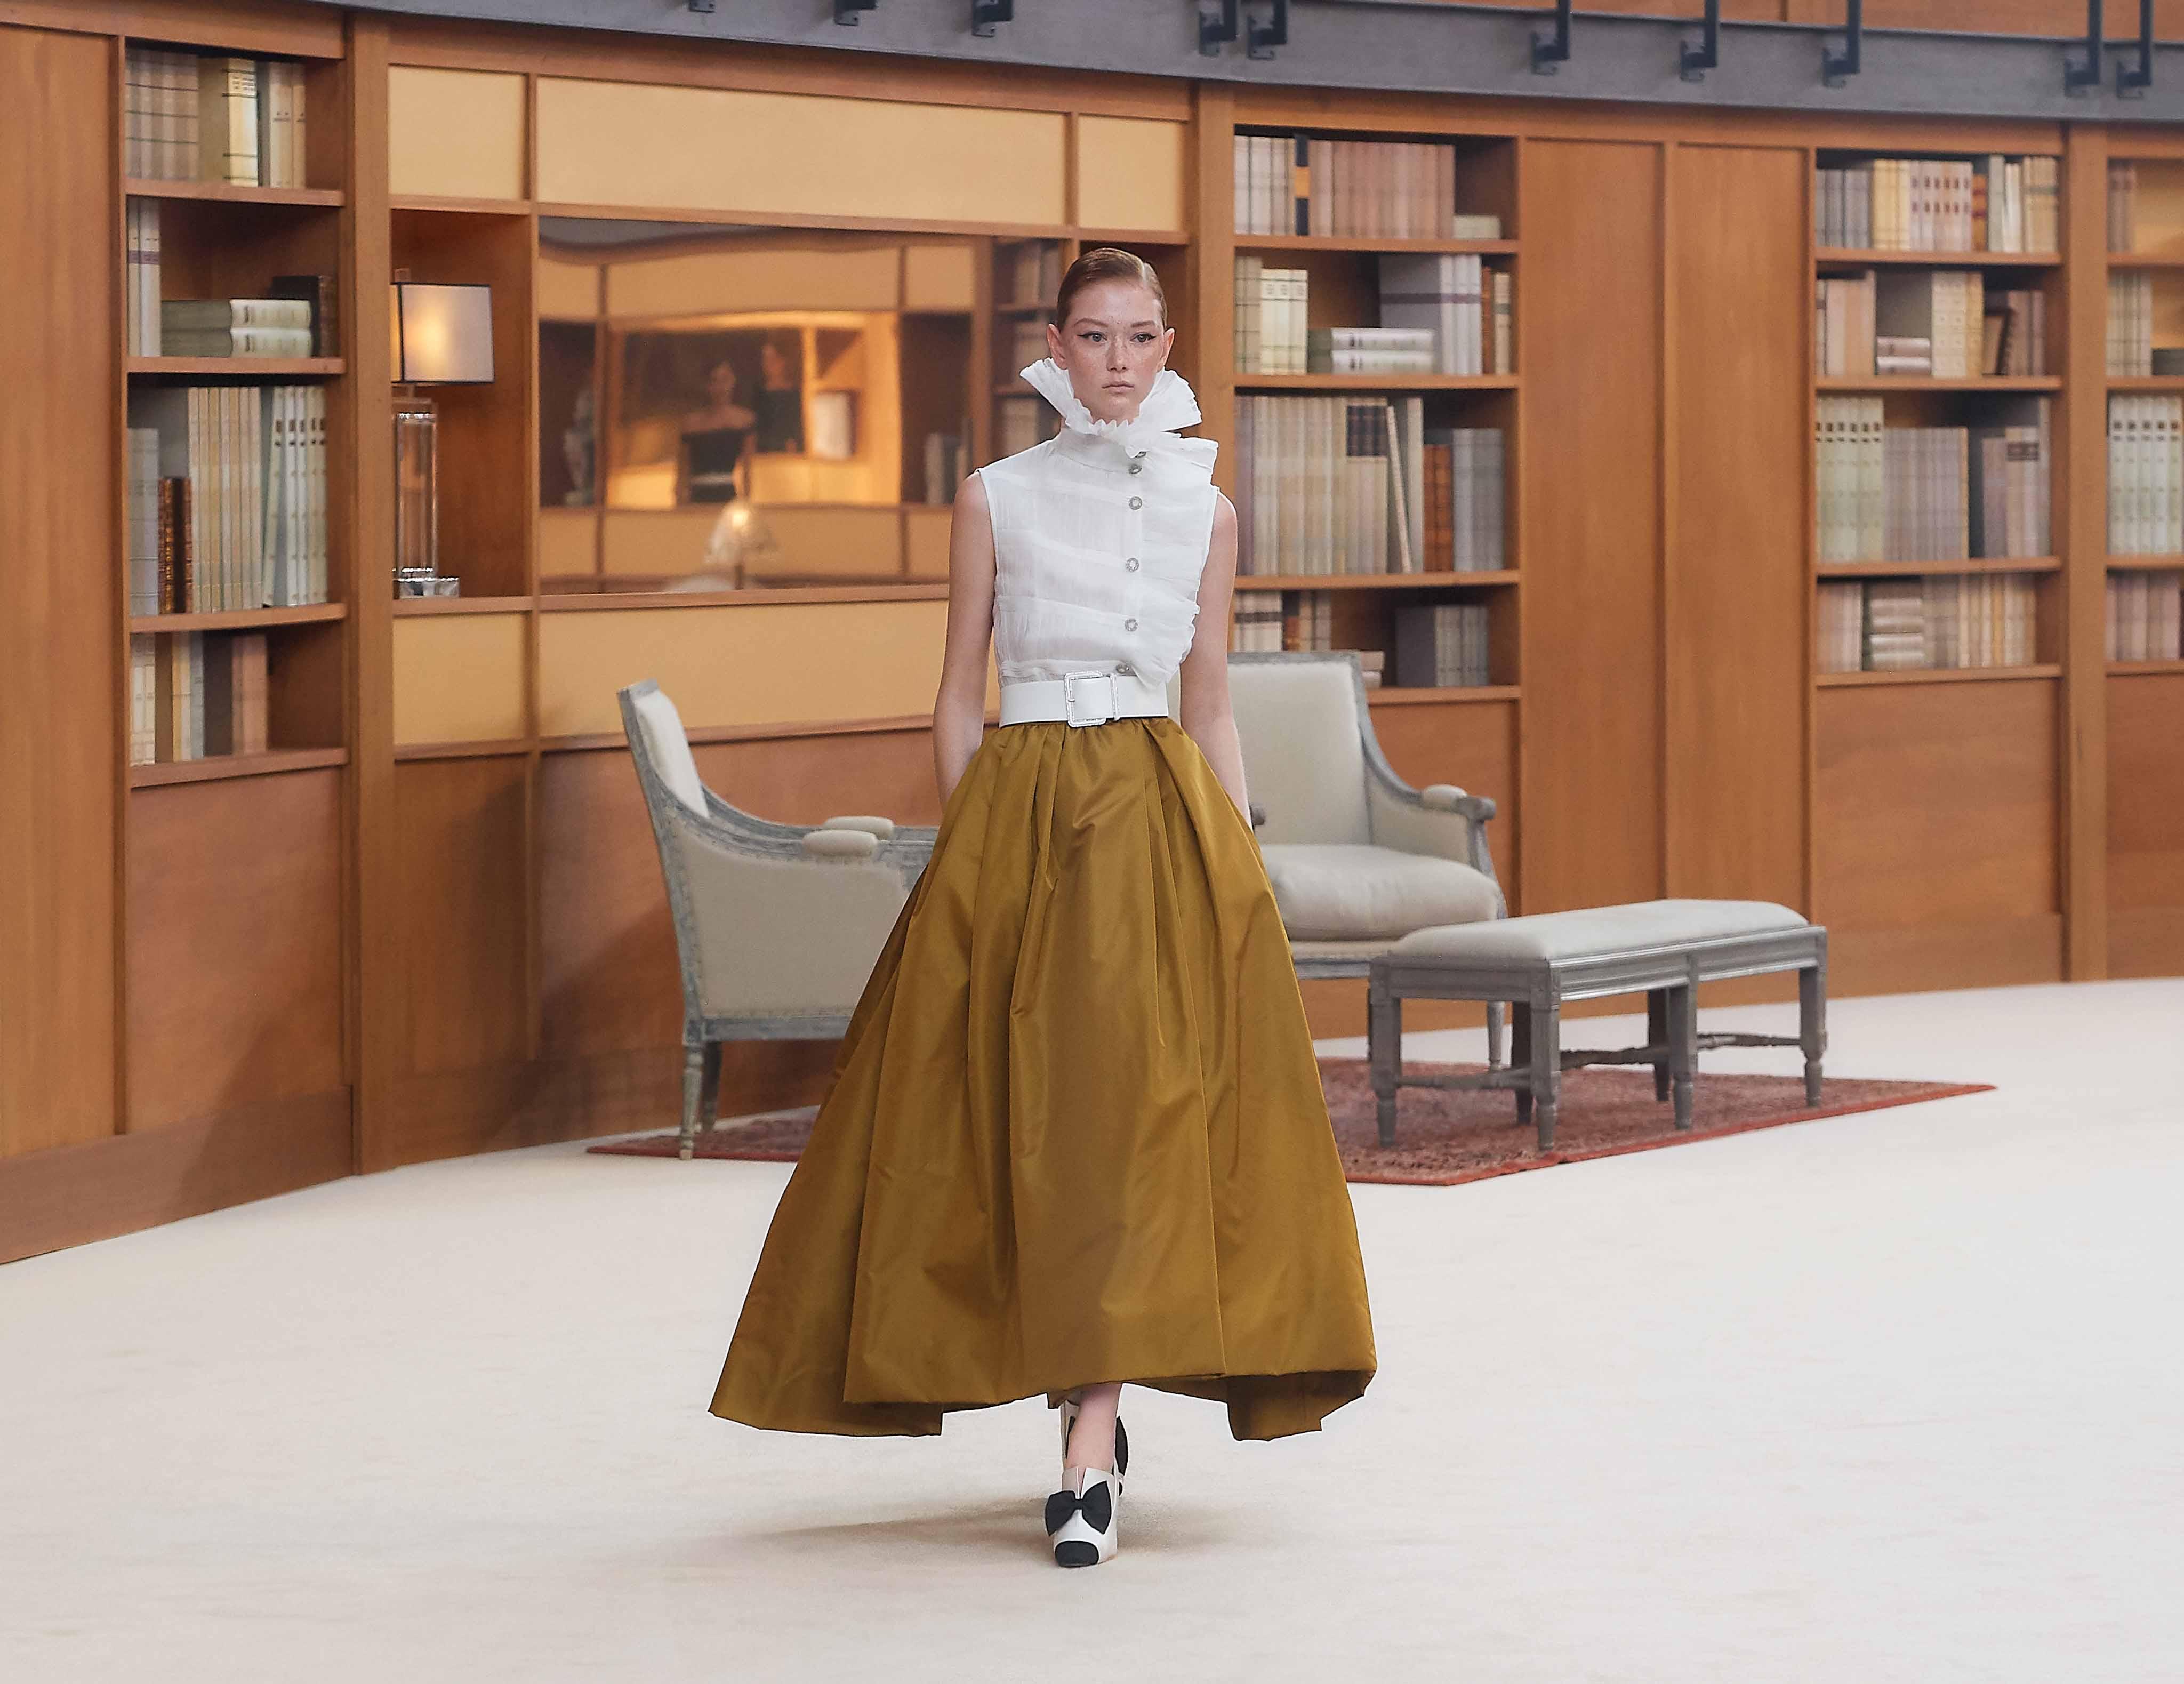 chi tiết cổ áo cầu kỳ chanel haute couture thu đông 2019